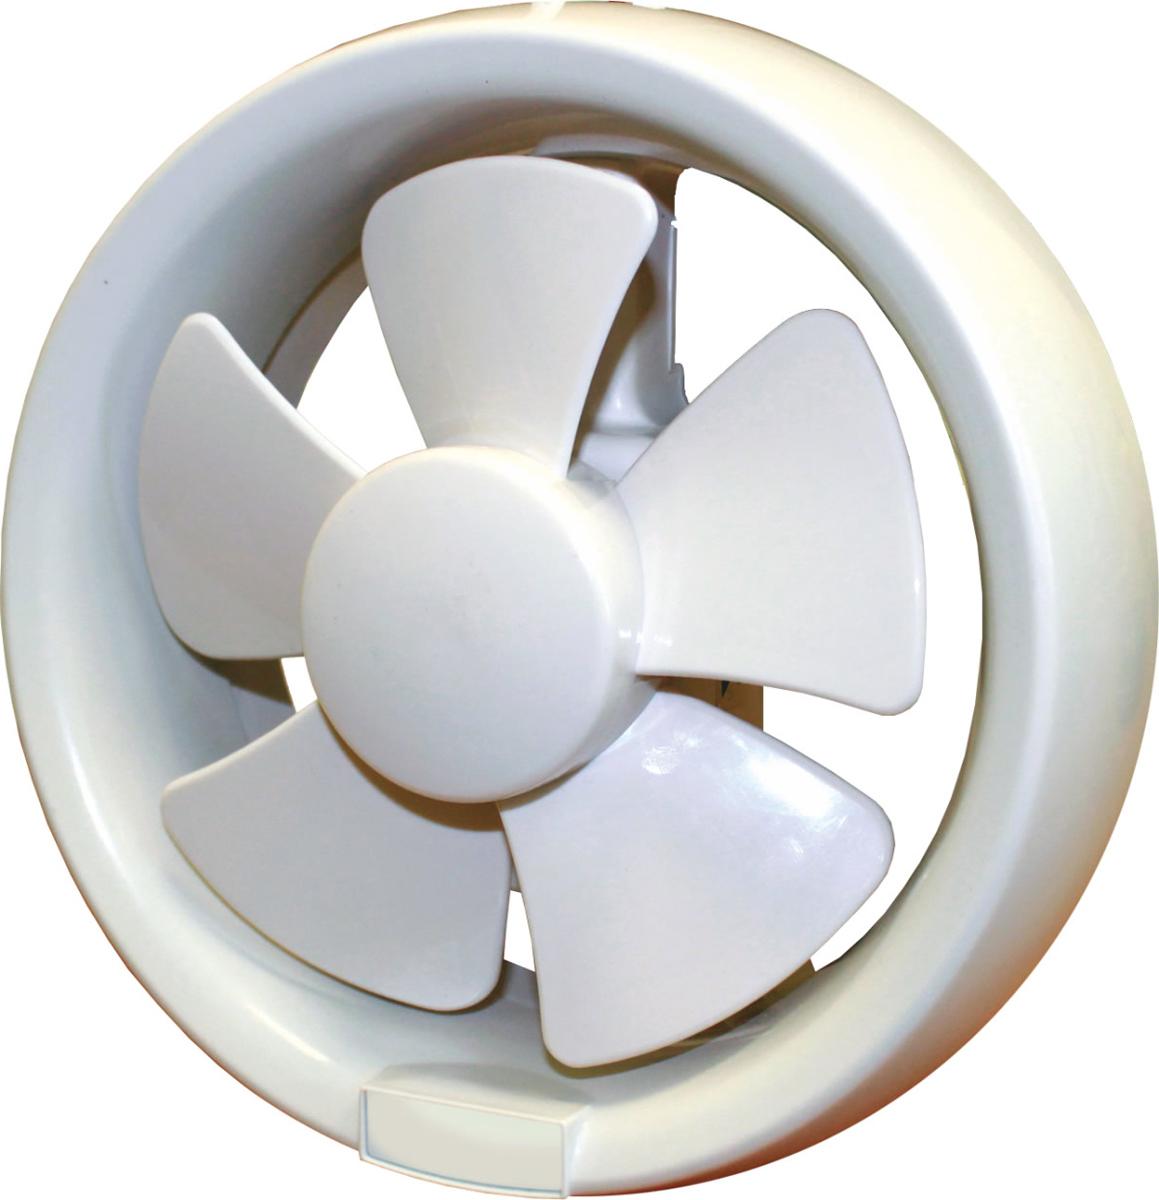 ERA HPS 20 вентилятор осевой оконныйHPS 20Вентилятор серии HPS с диаметром фланца 240 мм. HPS - Осевой оконный вентилятор с обратным клапаном для вытяжной вентиляции. Корпус и крыльчатка выполнены из высококачественного и прочного ABS пластика, стойкого к ультрафиолету. Двигатель оснащен защитой от перегрева. Вентилятор устанавливается непосредственно в оконный проем. Классического белого цвета.